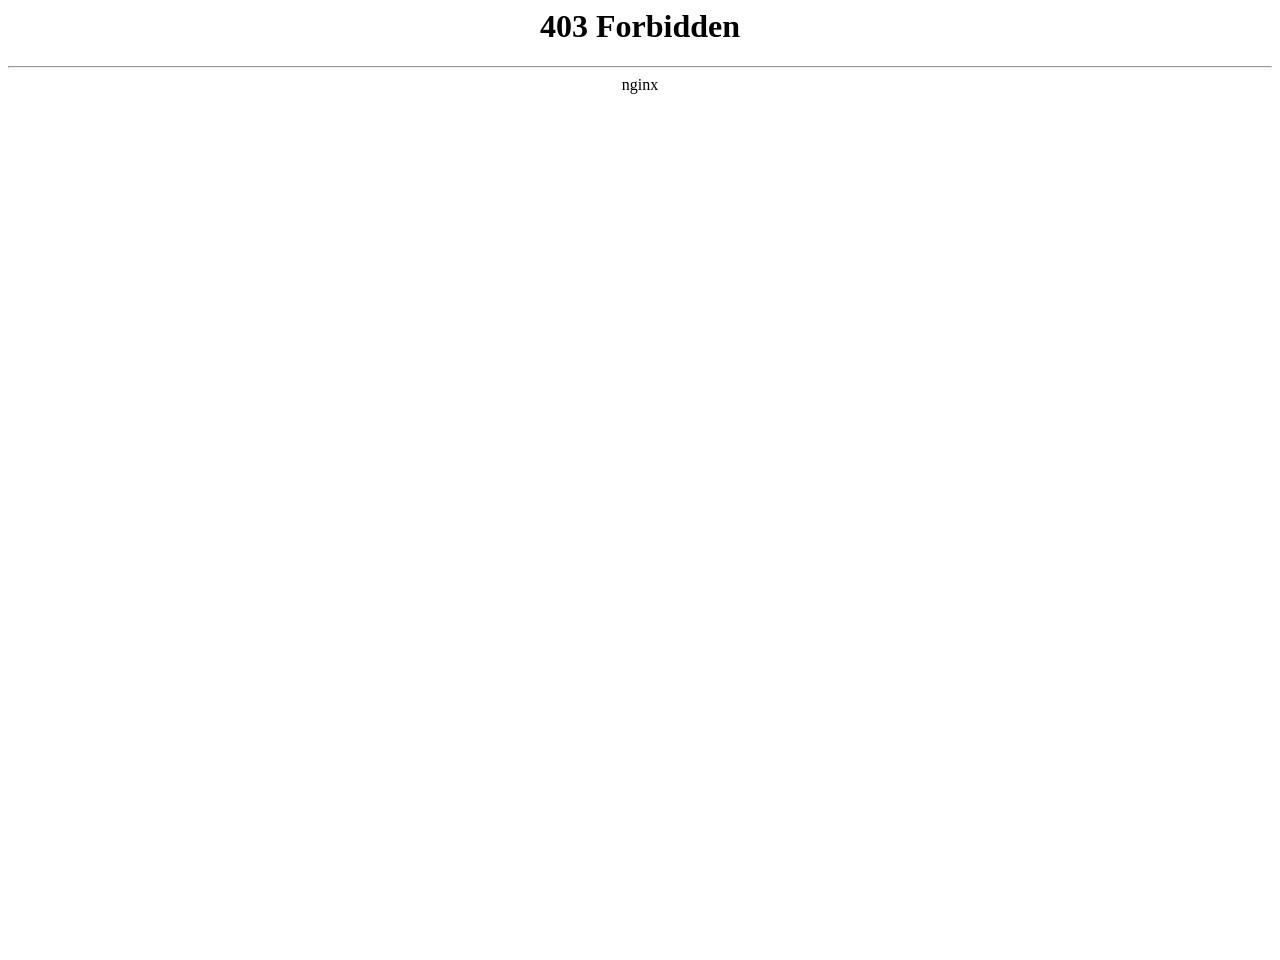 激辛食品おすすめランキングBEST10!辛くて美味しい食べ物ガイド!